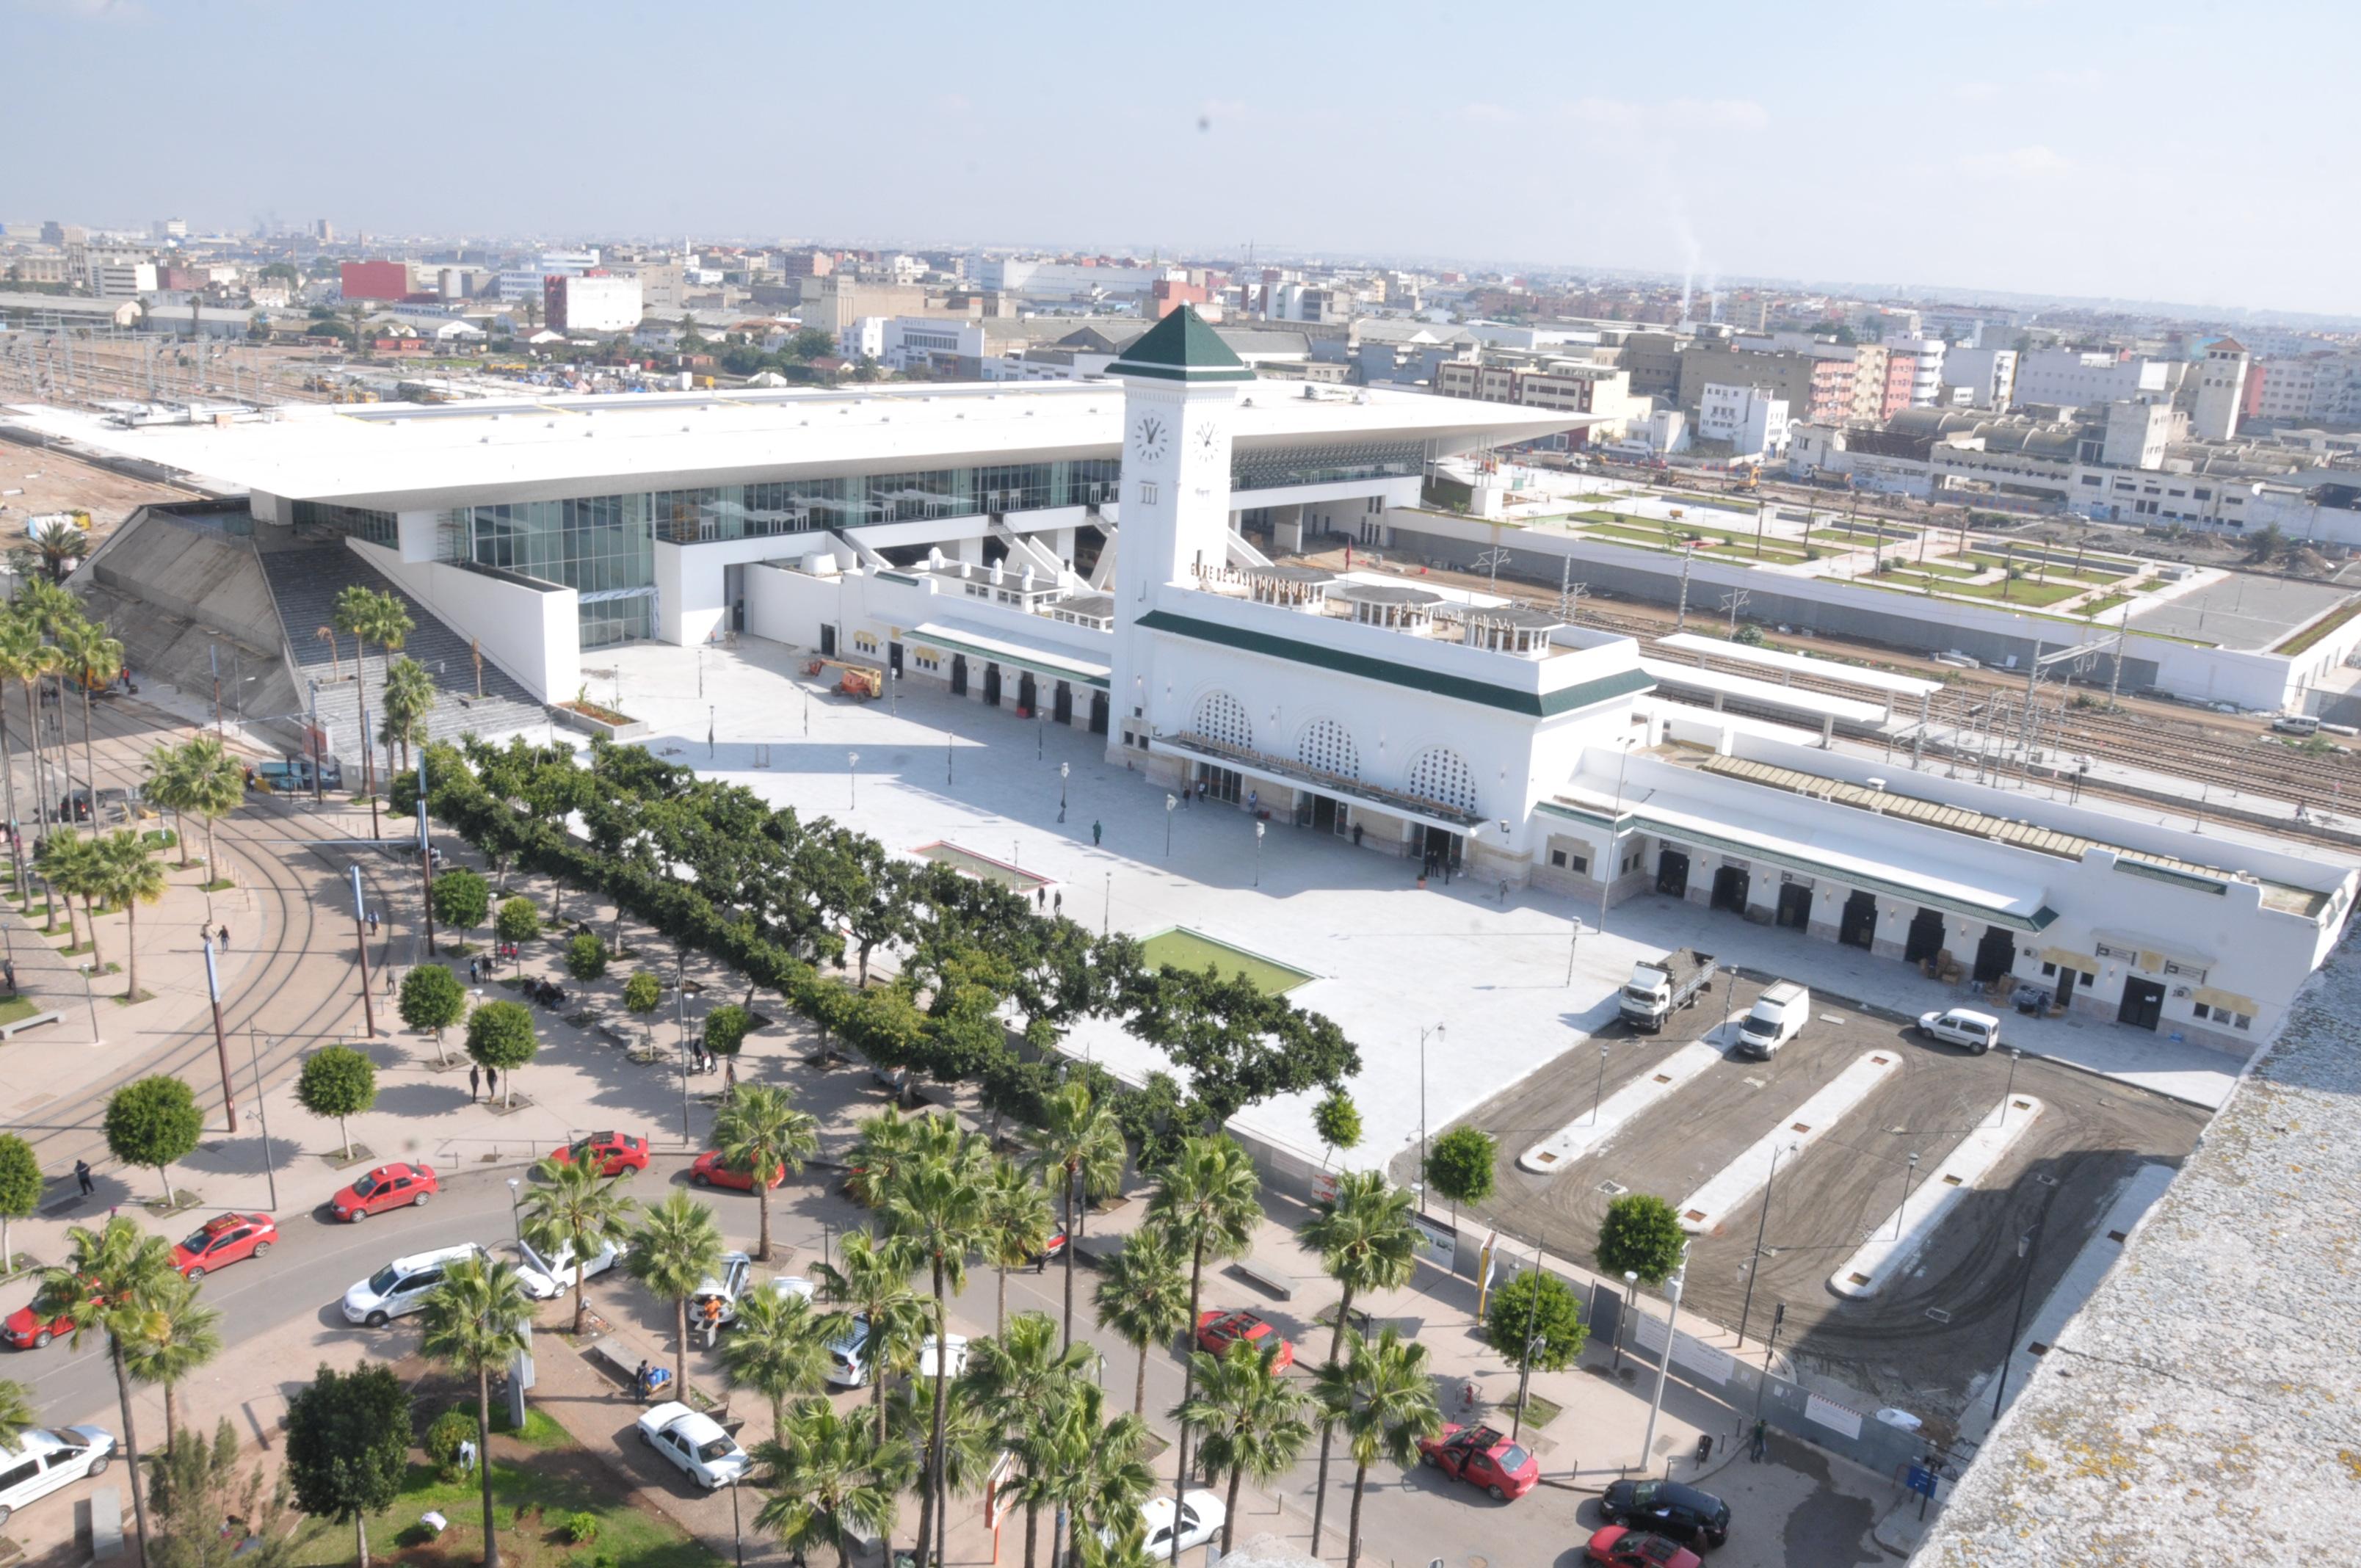 L'ONCF : parkings gratuits jusqu'à fin Novembre dans les nouvelles gares